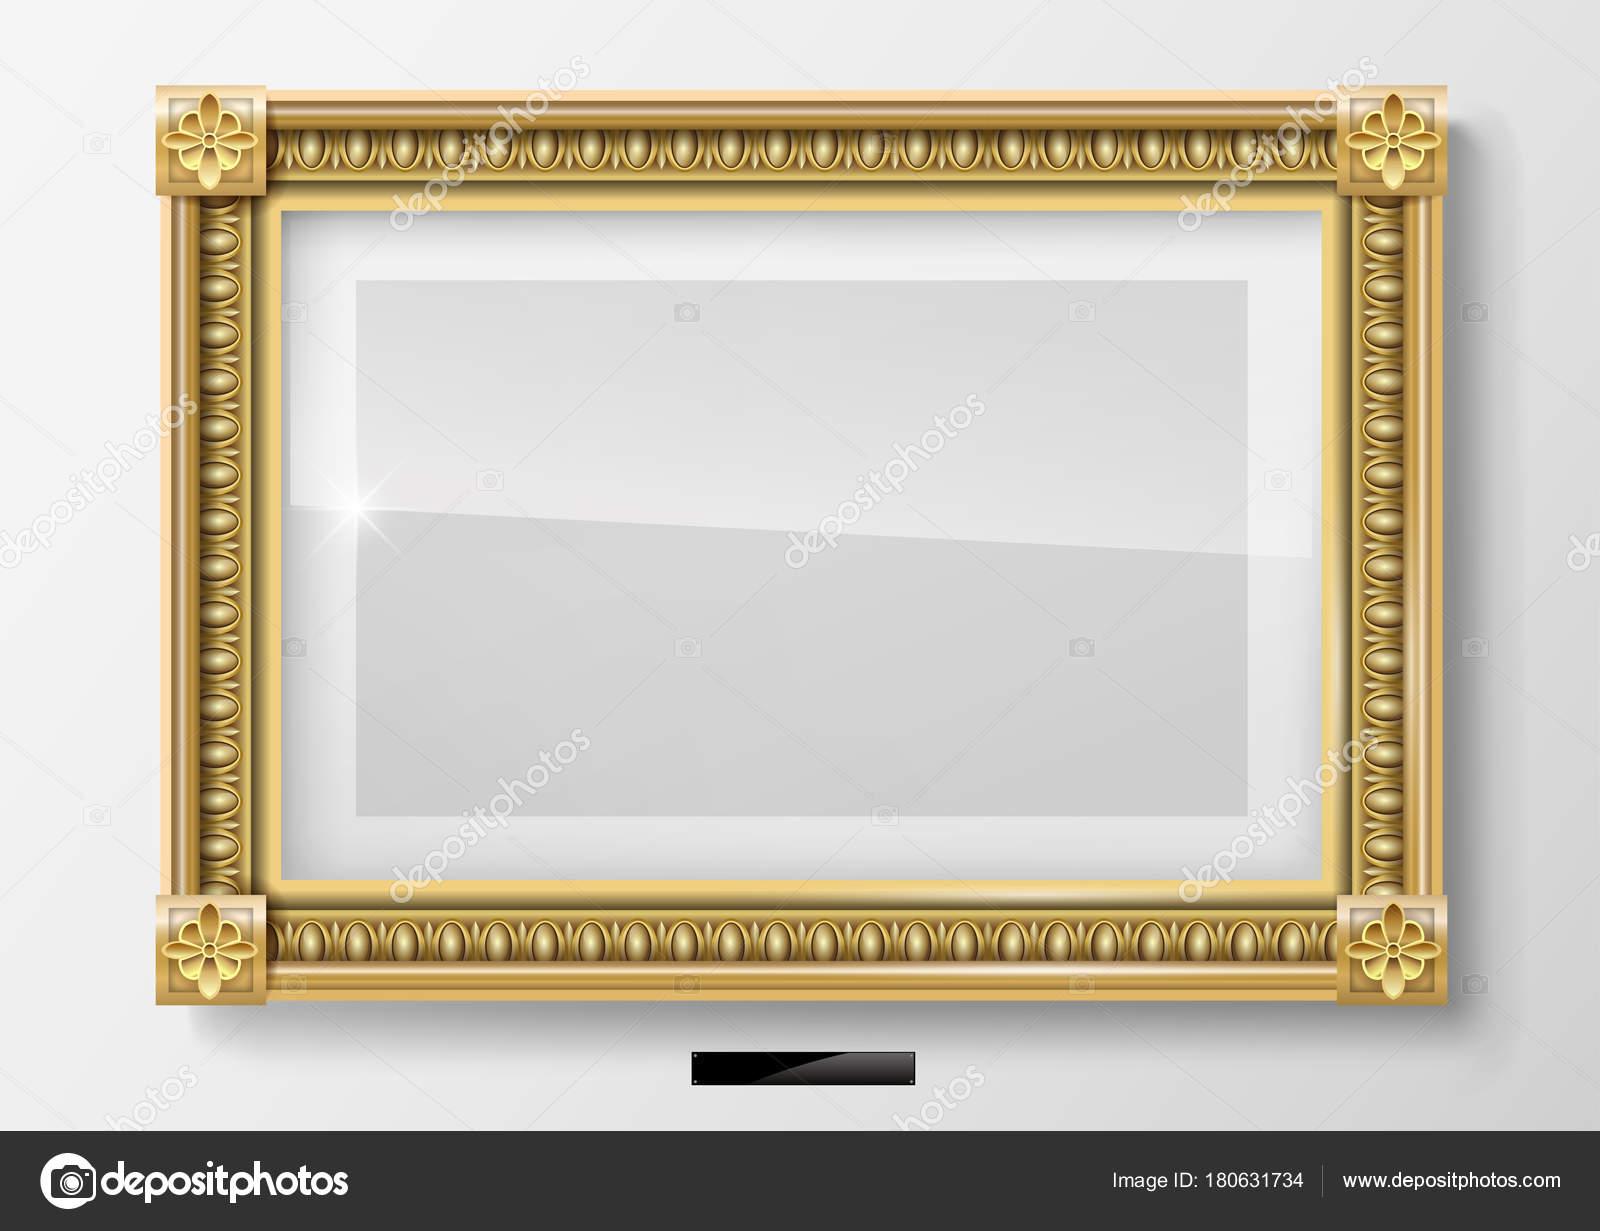 Cuadro horizontal clásico en marco de oro — Archivo Imágenes ...